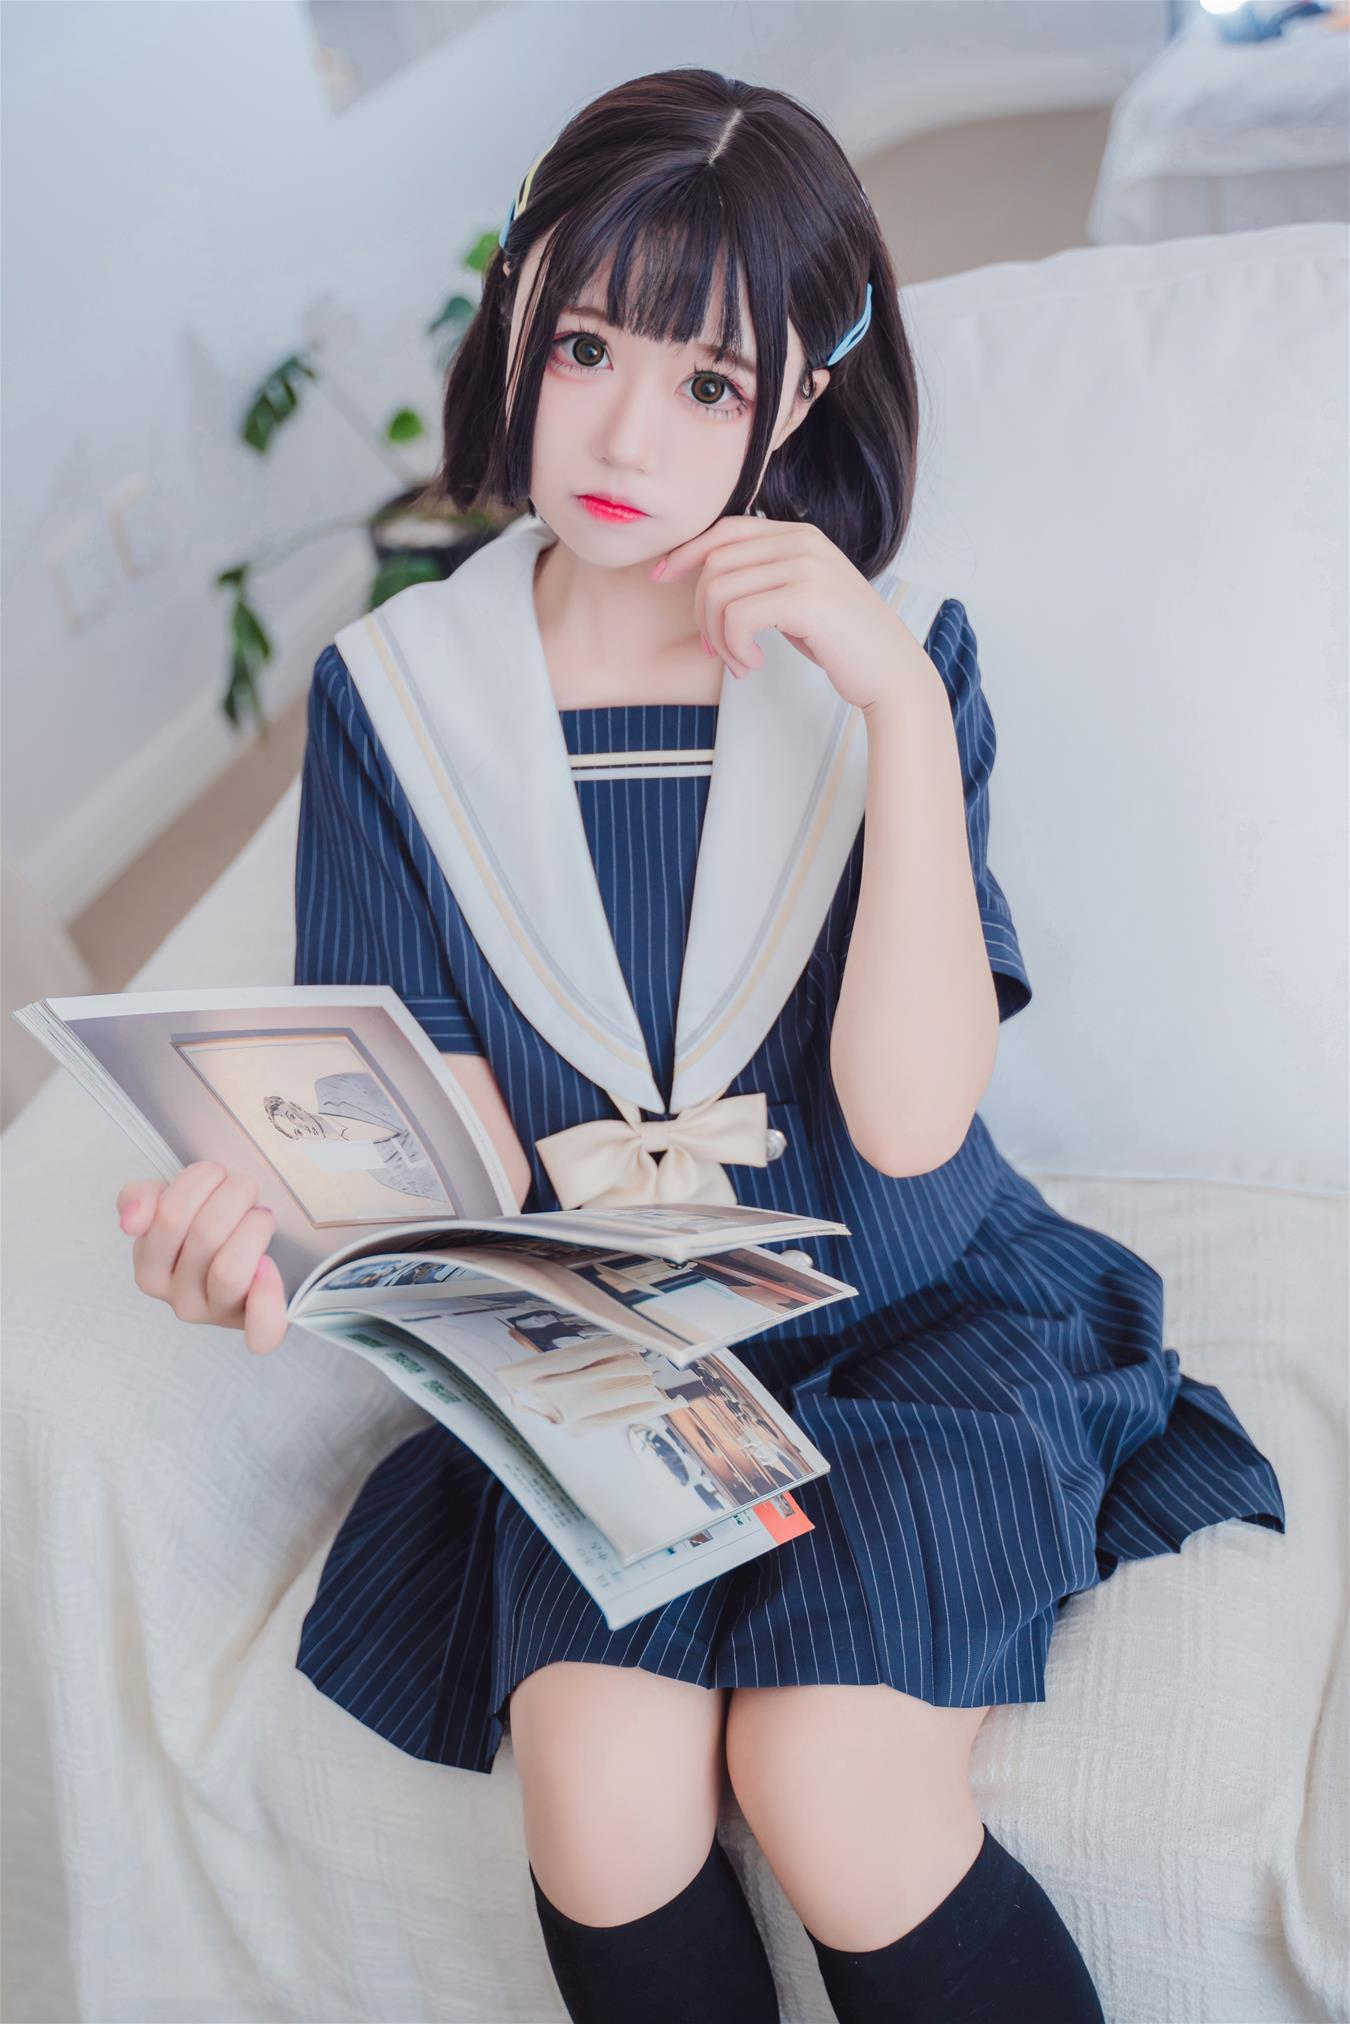 猫君君_MaoJun 清纯学妹 [40P-343MB] 网红少女-第1张